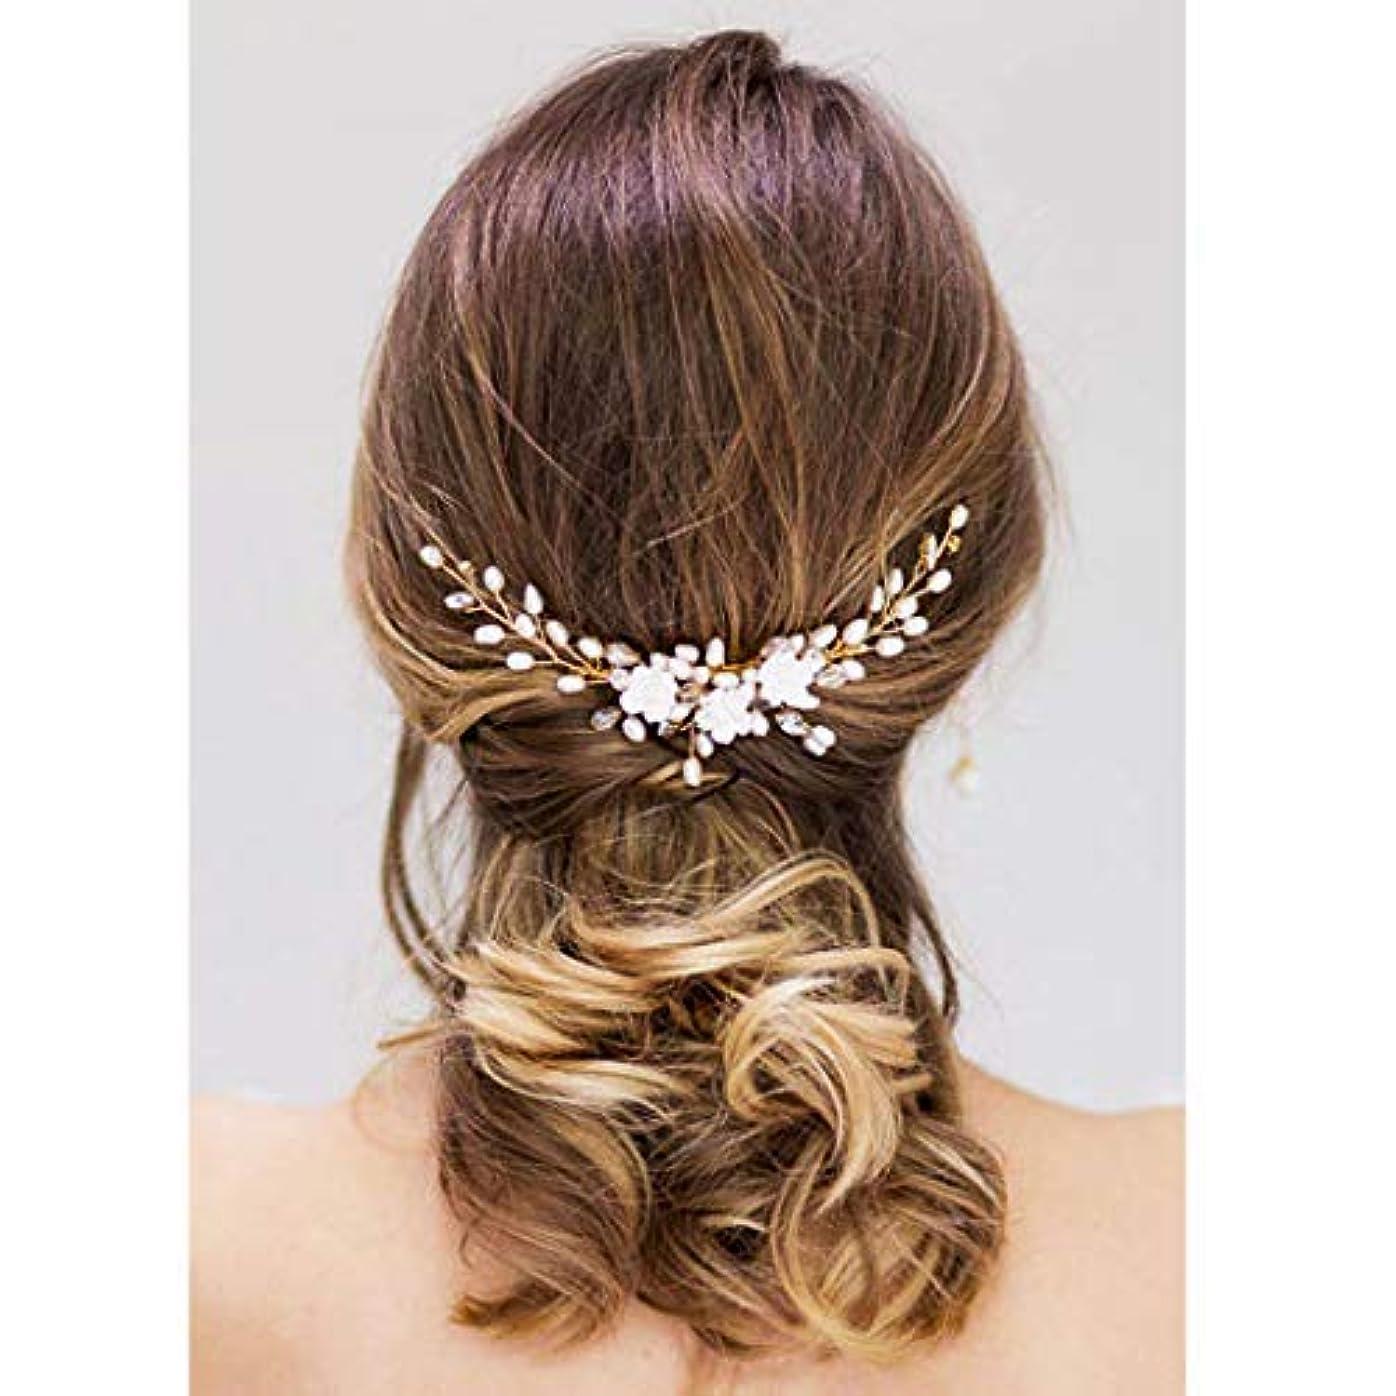 時折ぼかしくびれたDrecode Bride Wedding Hair Comb Flower Headpiece Pearl Rhinestone Hair Accessories for Women and Girls [並行輸入品]